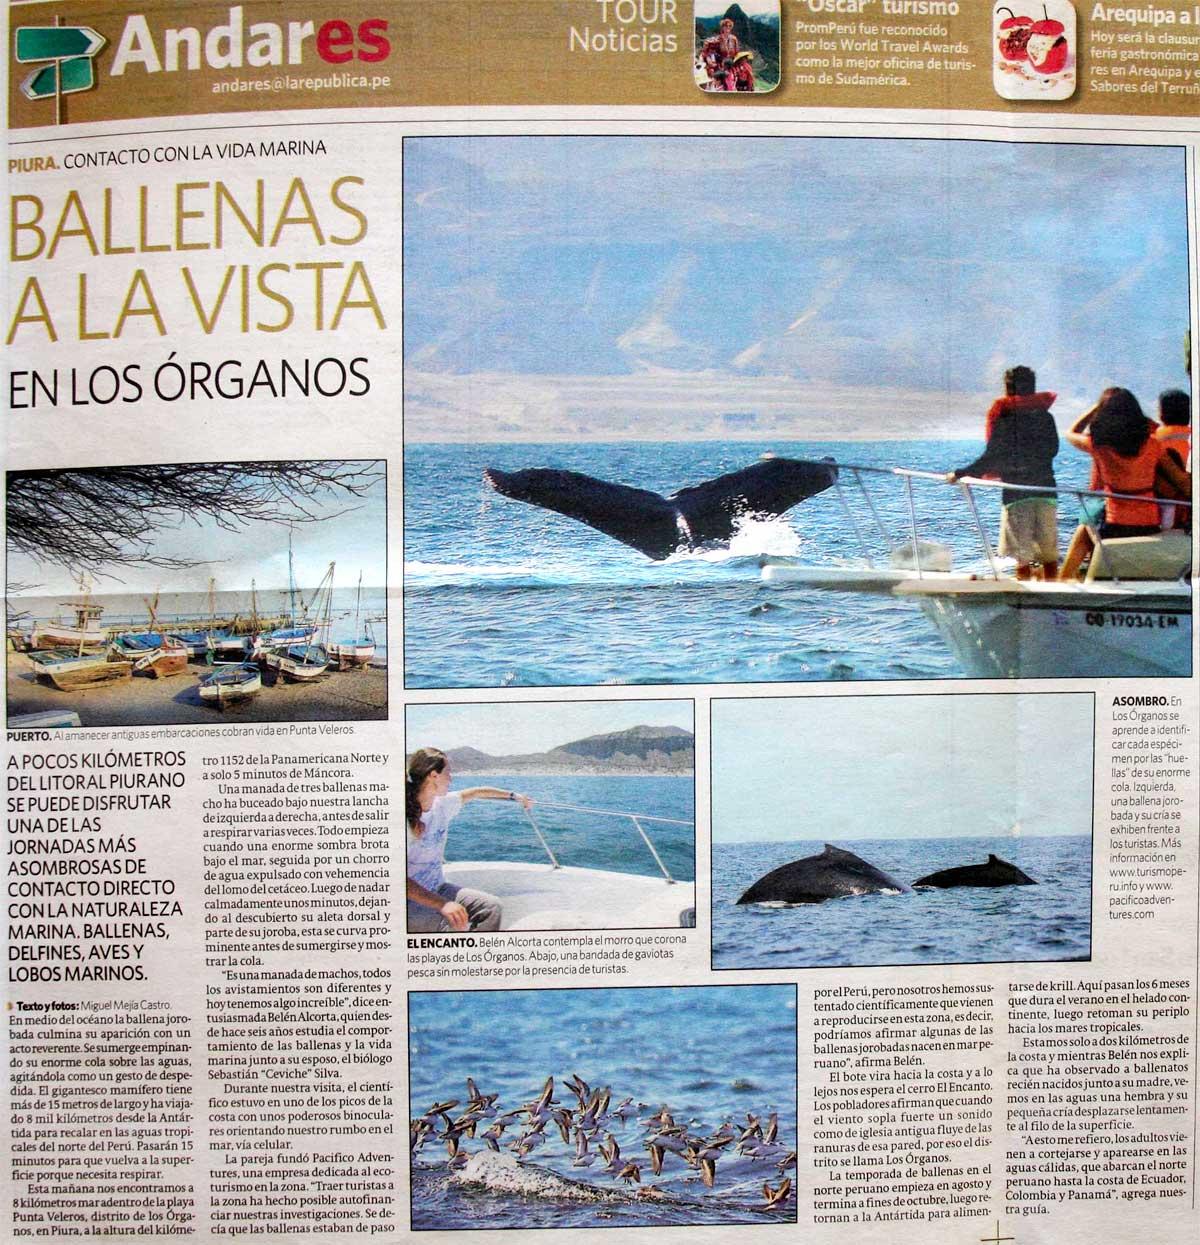 Ballenas a la vista en Los Organos. | Pacifico Adventures